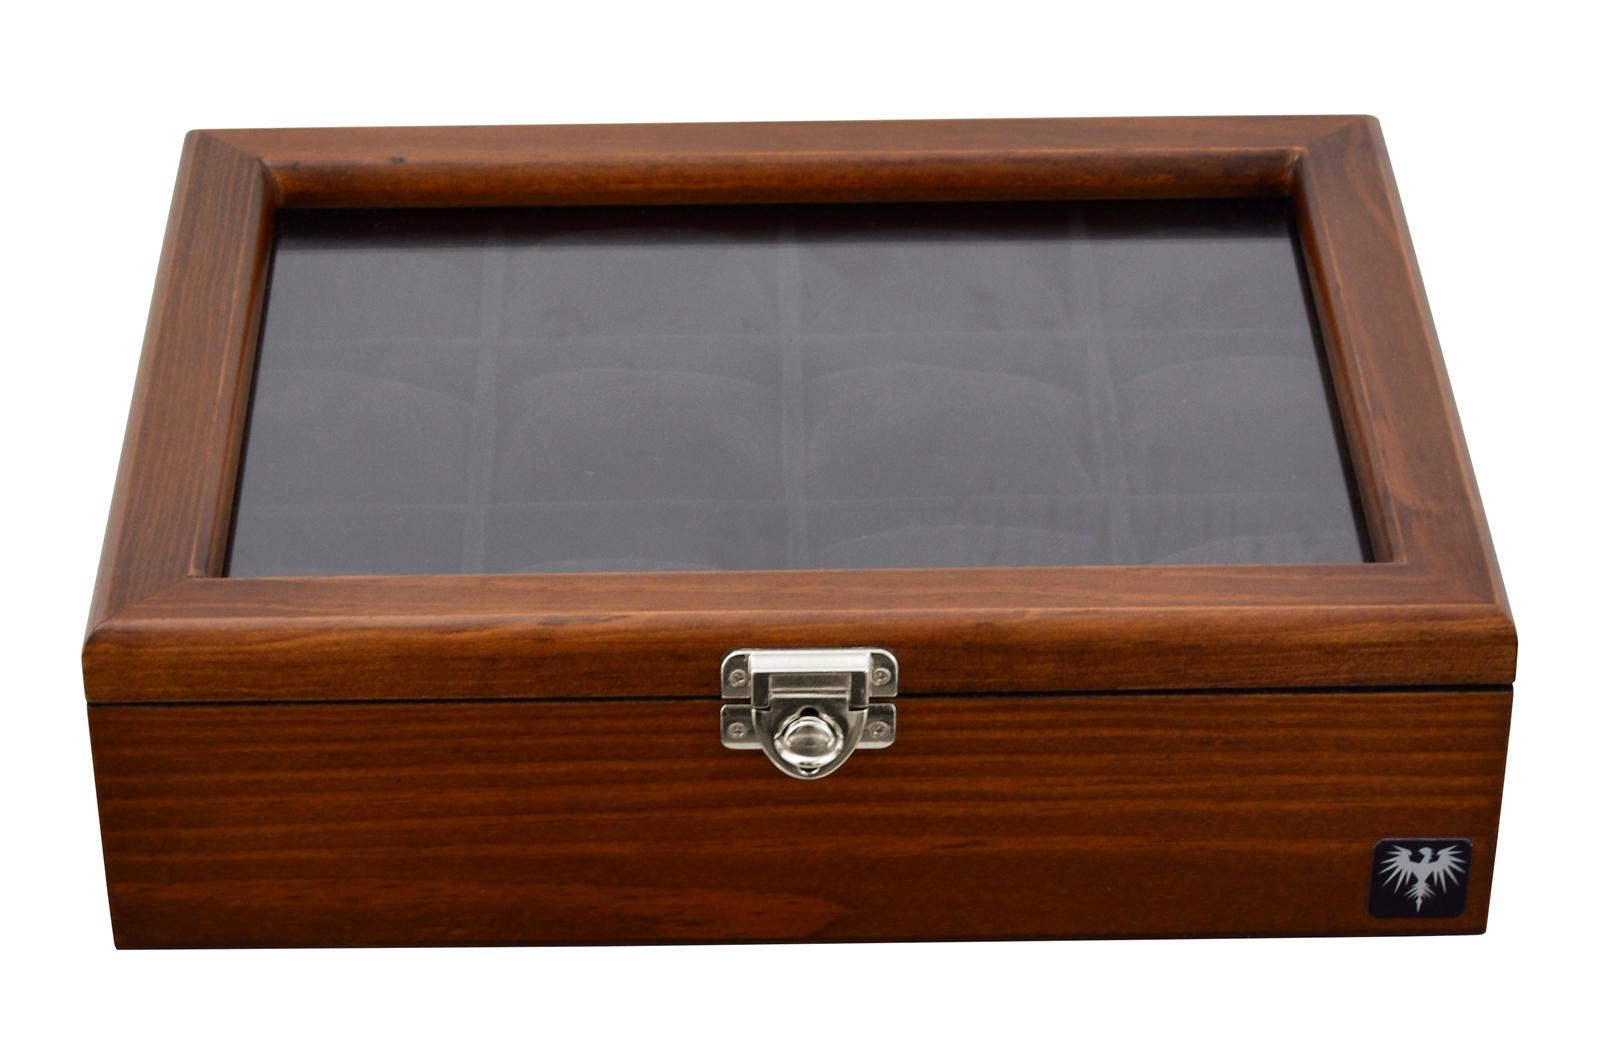 estojo-porta-relogio-12-nichos-madeira-macica-tabaco-preto-imagem-7.JPG